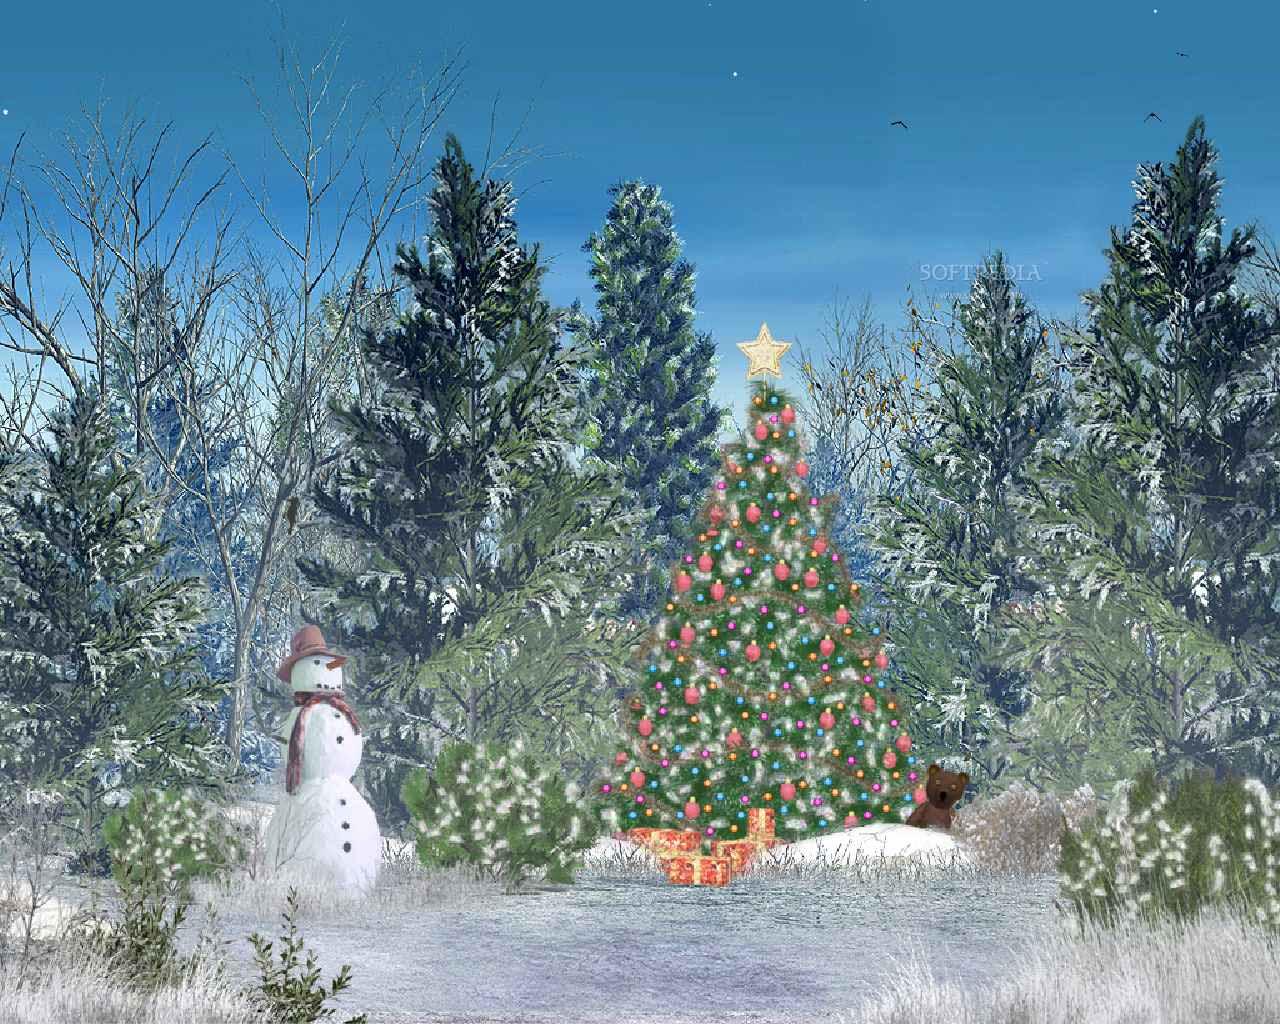 http://www.softpedia.com/screenshots/Christmas-Forest-Animated-Screensaver_1.jpg